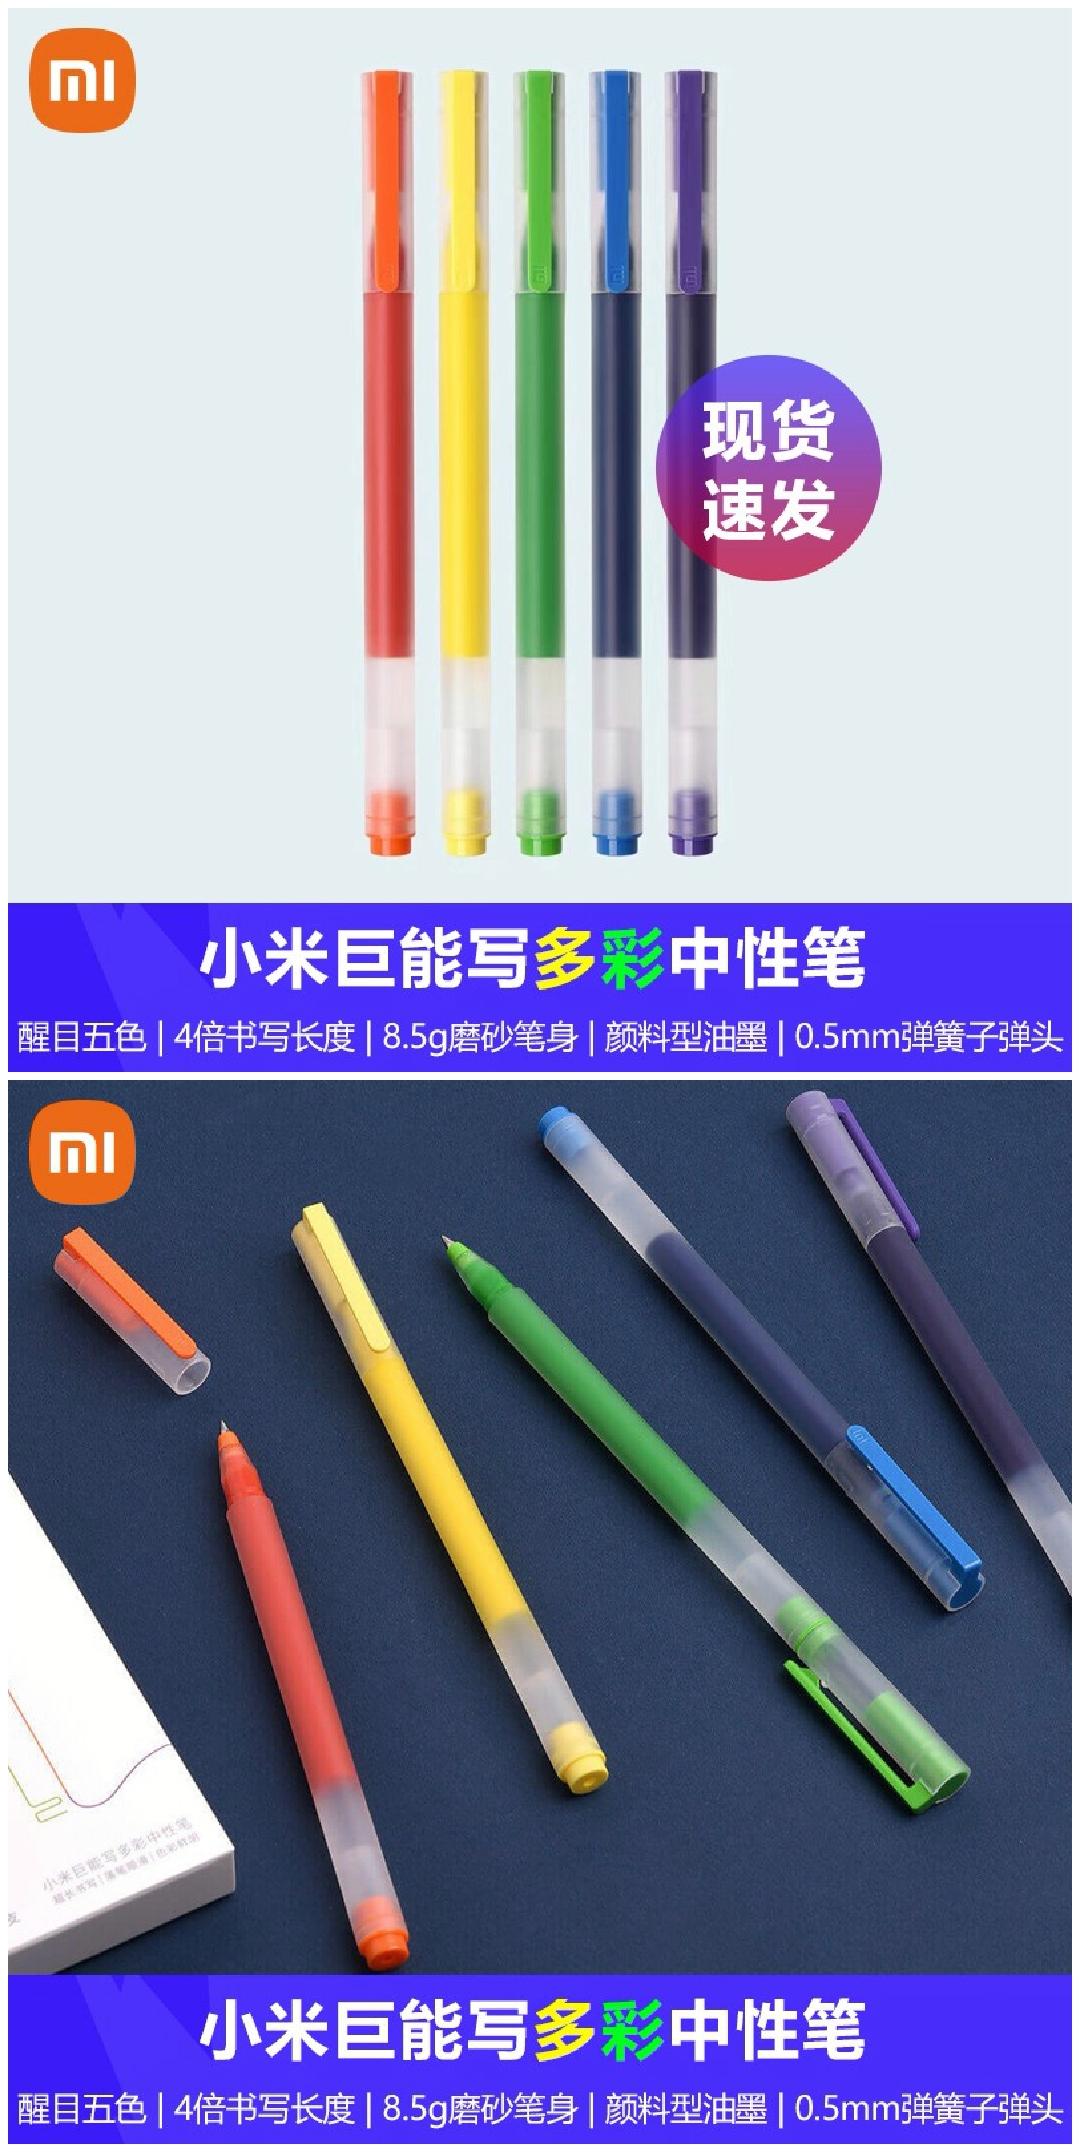 小米巨能写多彩中性笔5支装0.5mm办公签字笔考试专用学生用子弹头